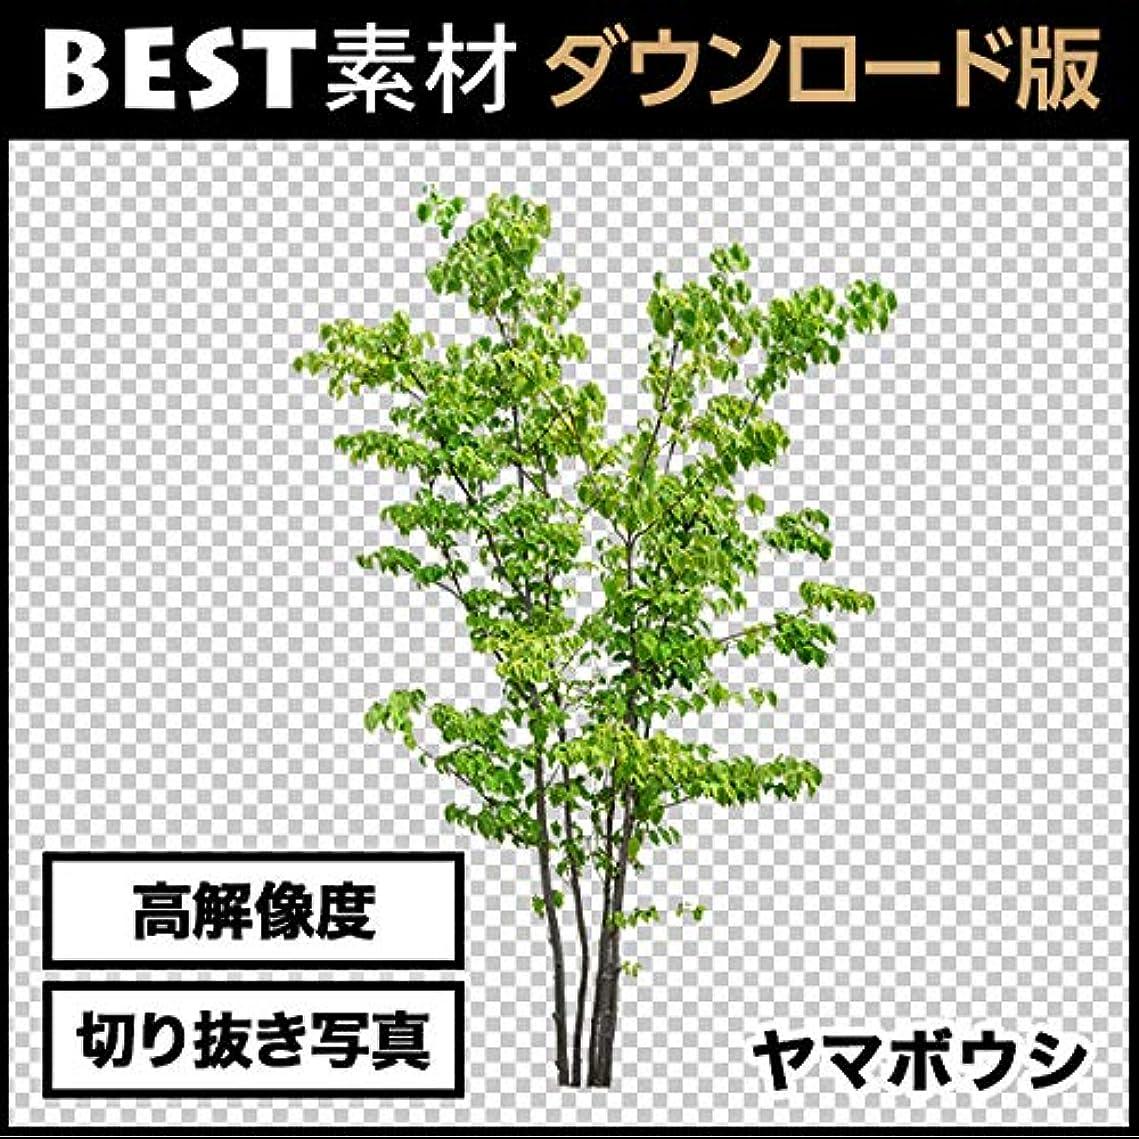 追い出す舗装する典型的な【BEST素材】高解像度の切り抜き写真_ヤマボウシ02 ダウンロード版